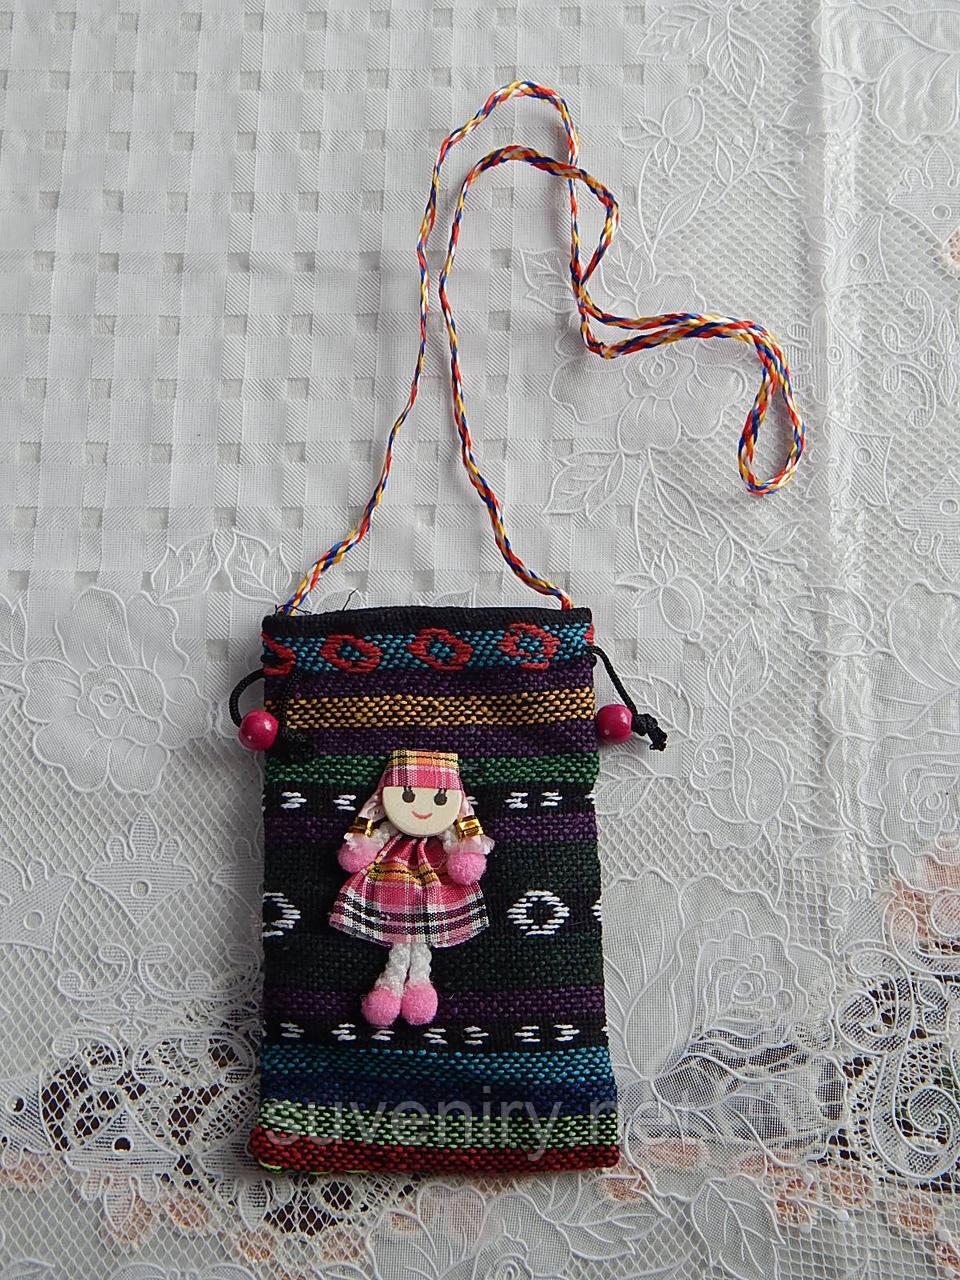 Женская сумка в карпатском стиле для телефона